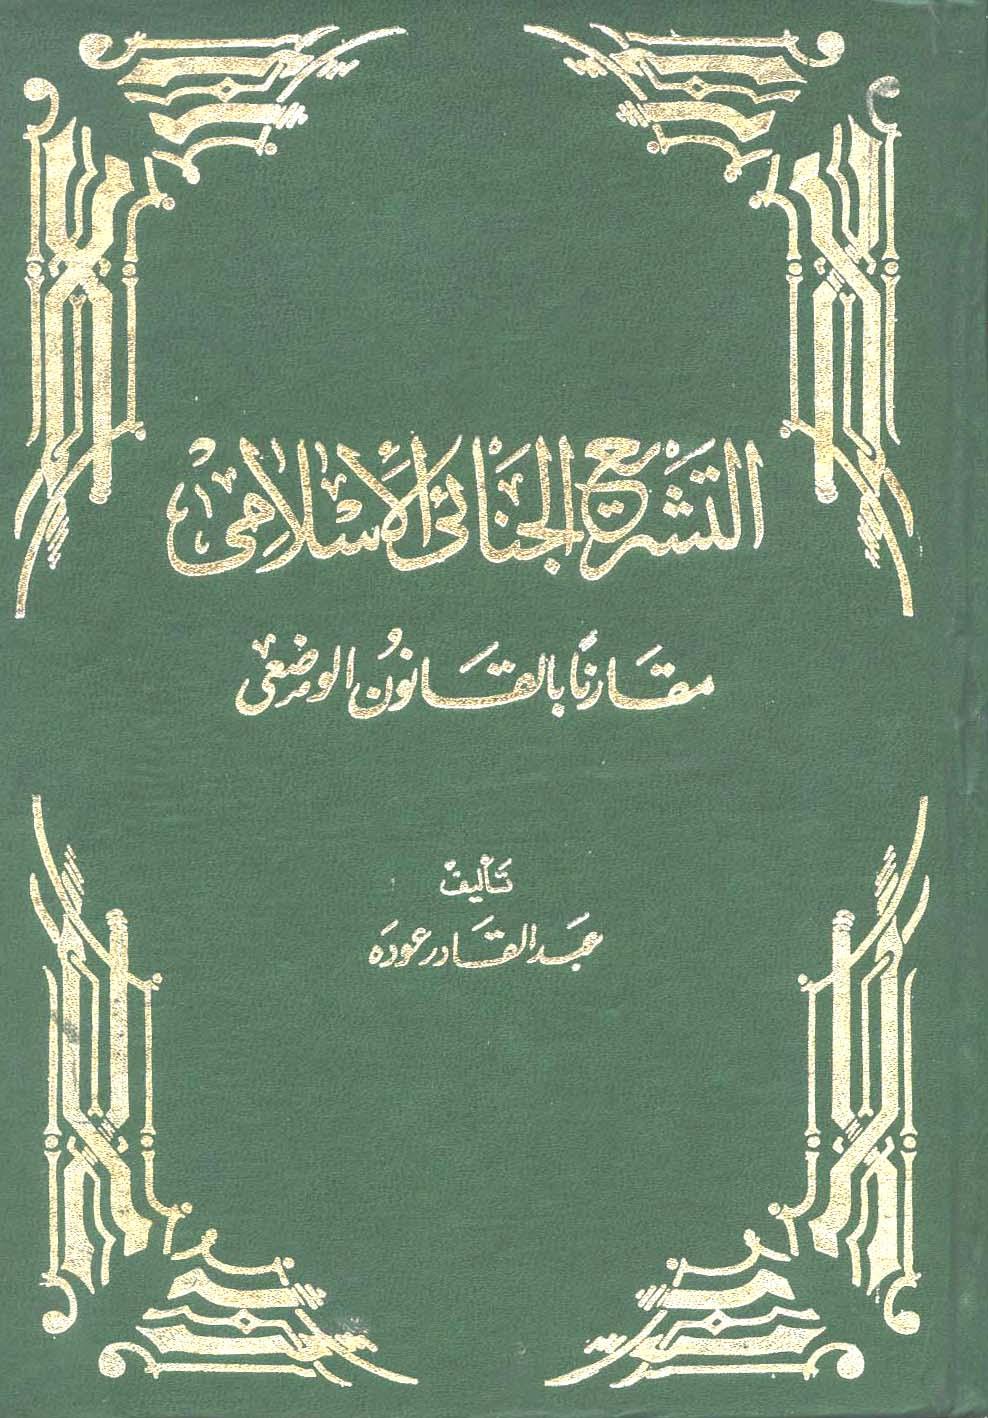 التشريع الجنائي في الإسلام مقارنا بالقانون الوضعي - عبد القادر عوده pdf